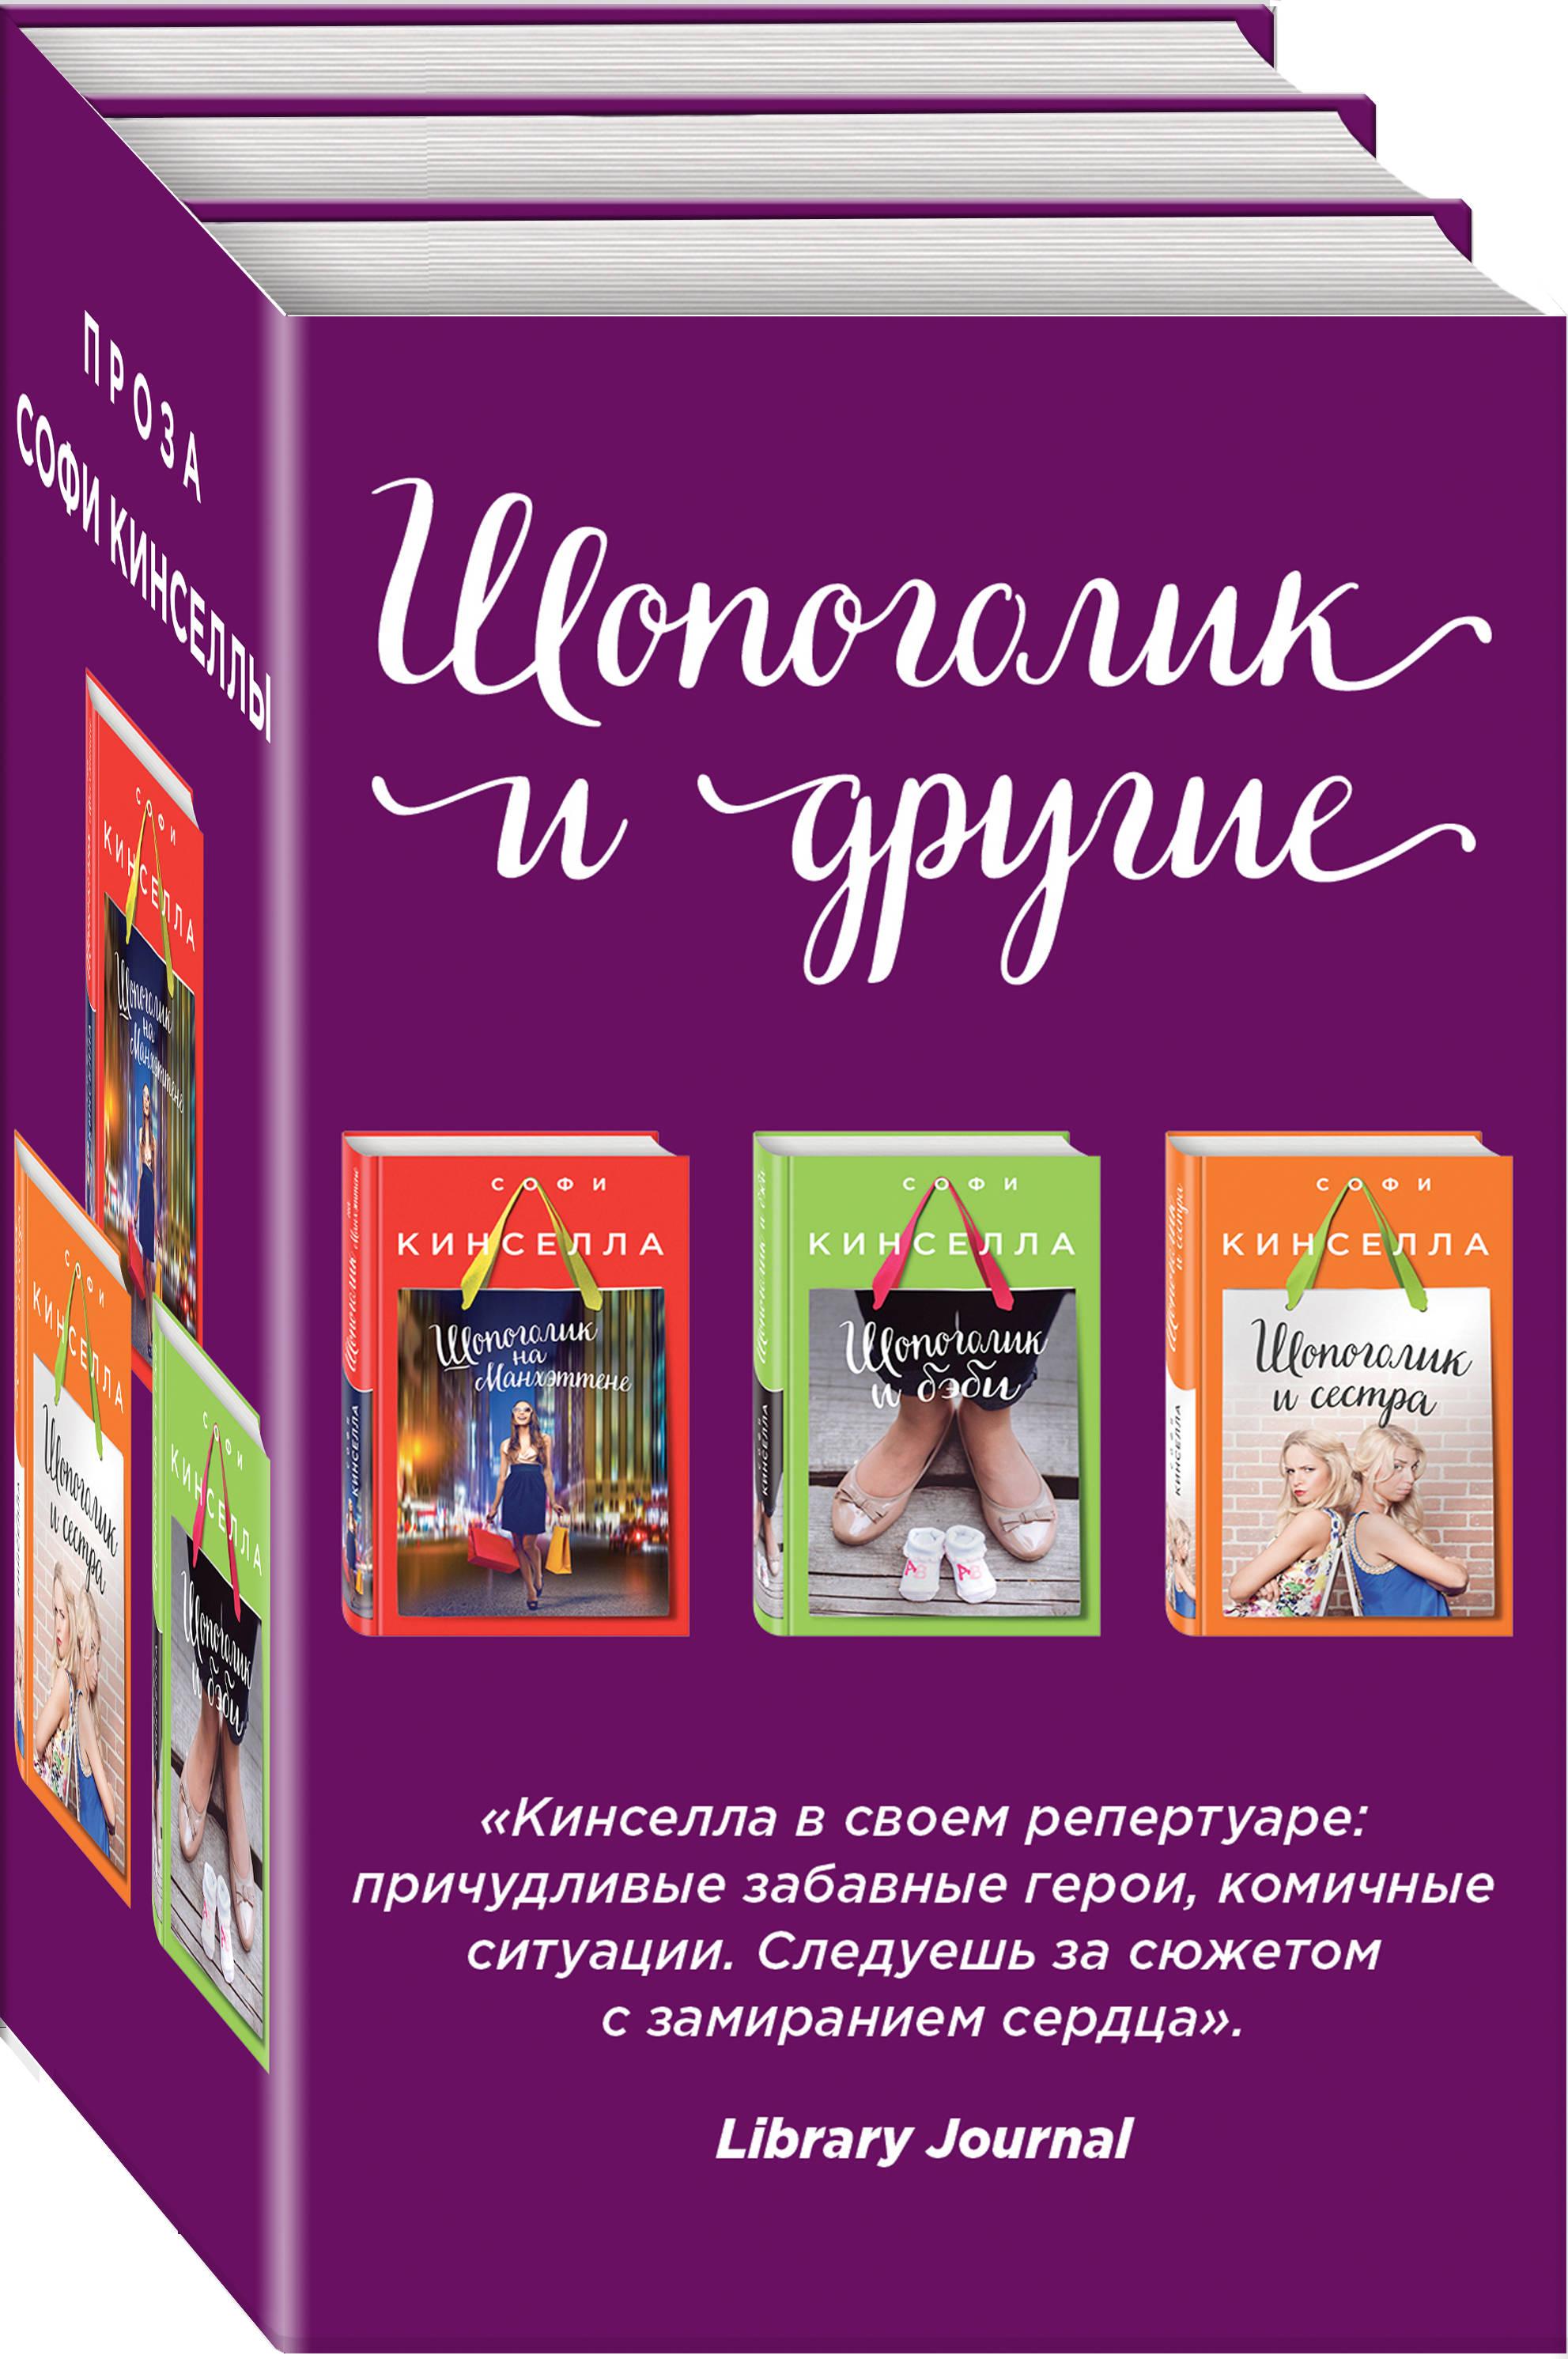 Кинселла С. Страсти по Шопоголику (комплект из 3 книг)